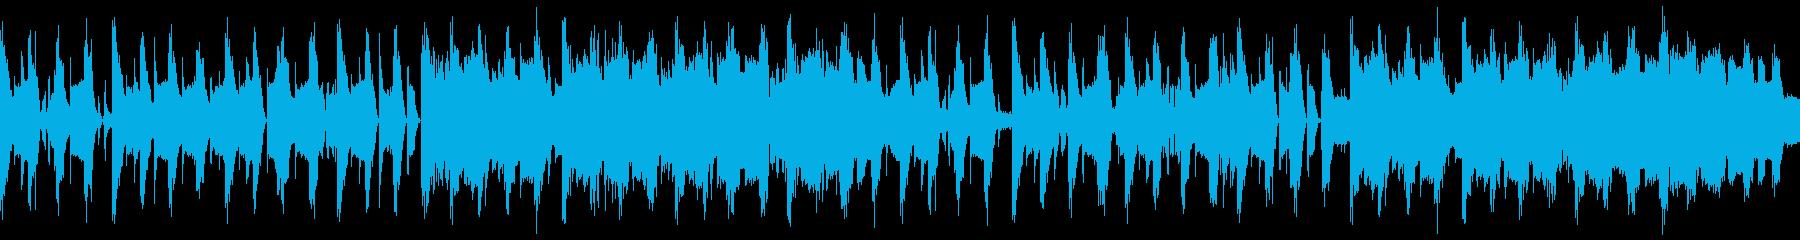 元気、楽しい、おしゃれ短尺テクノBGMの再生済みの波形